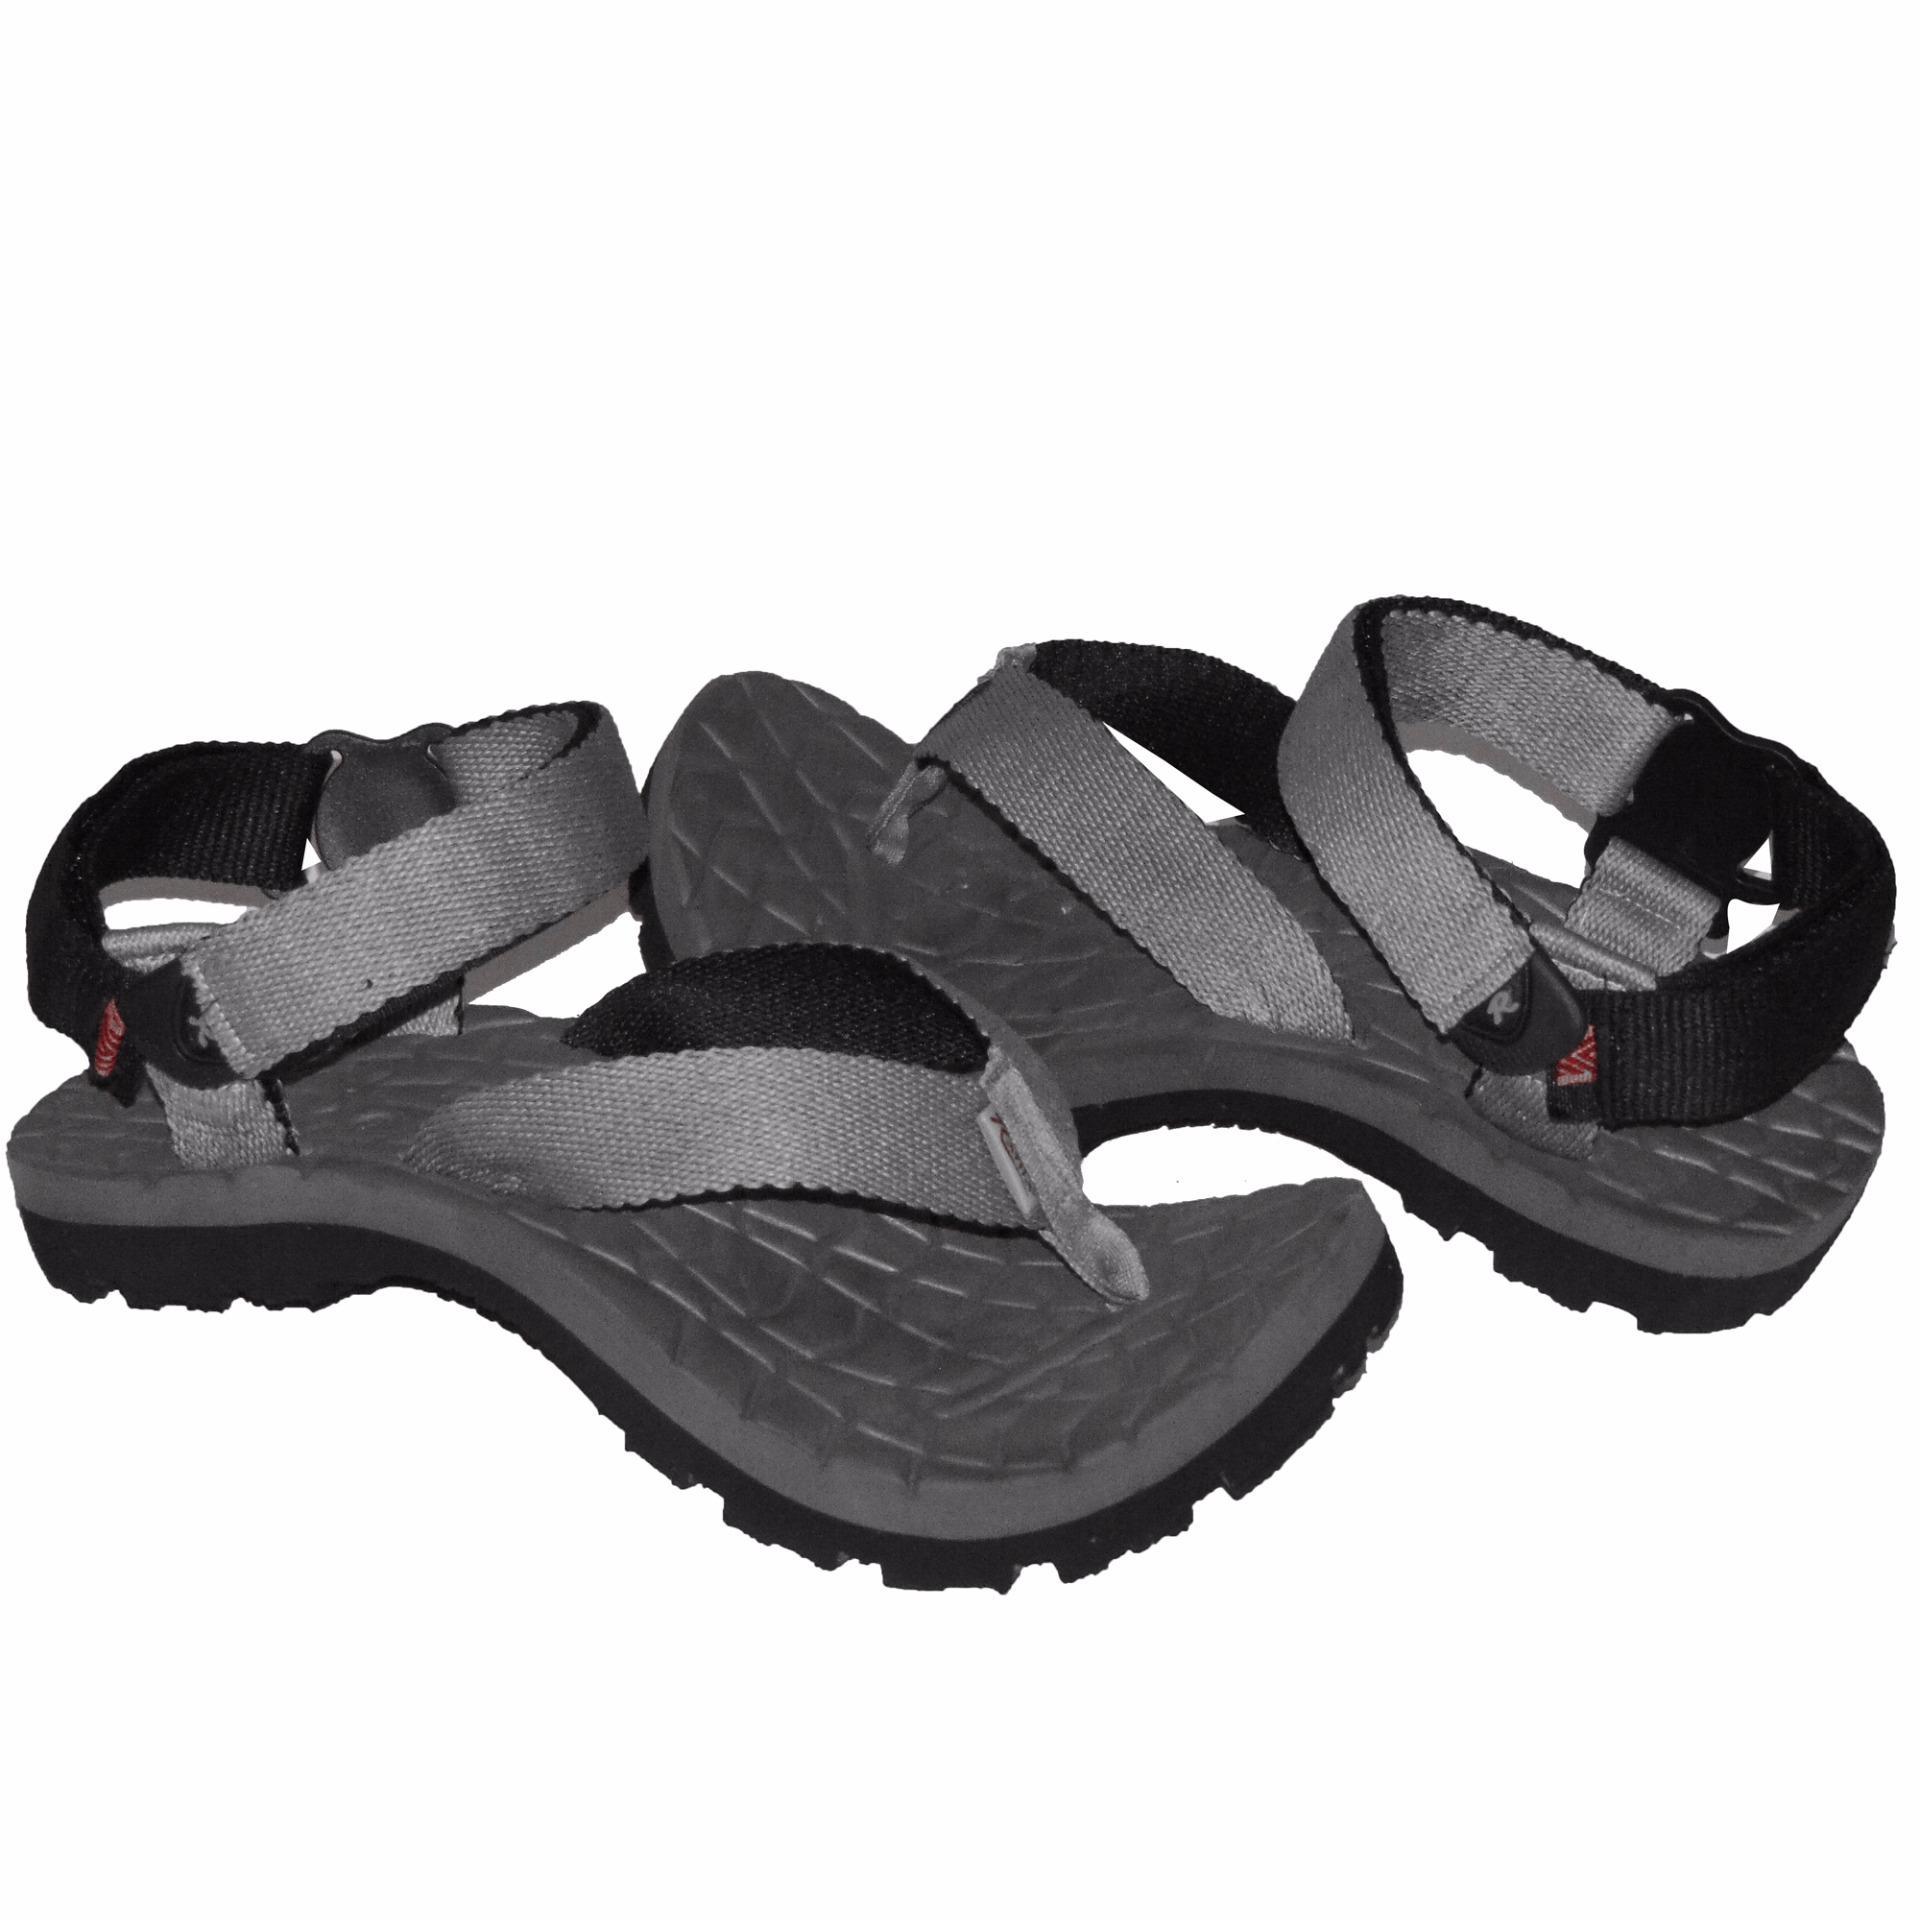 Rafila sepatu/sandal gunung - FJH - Abu .